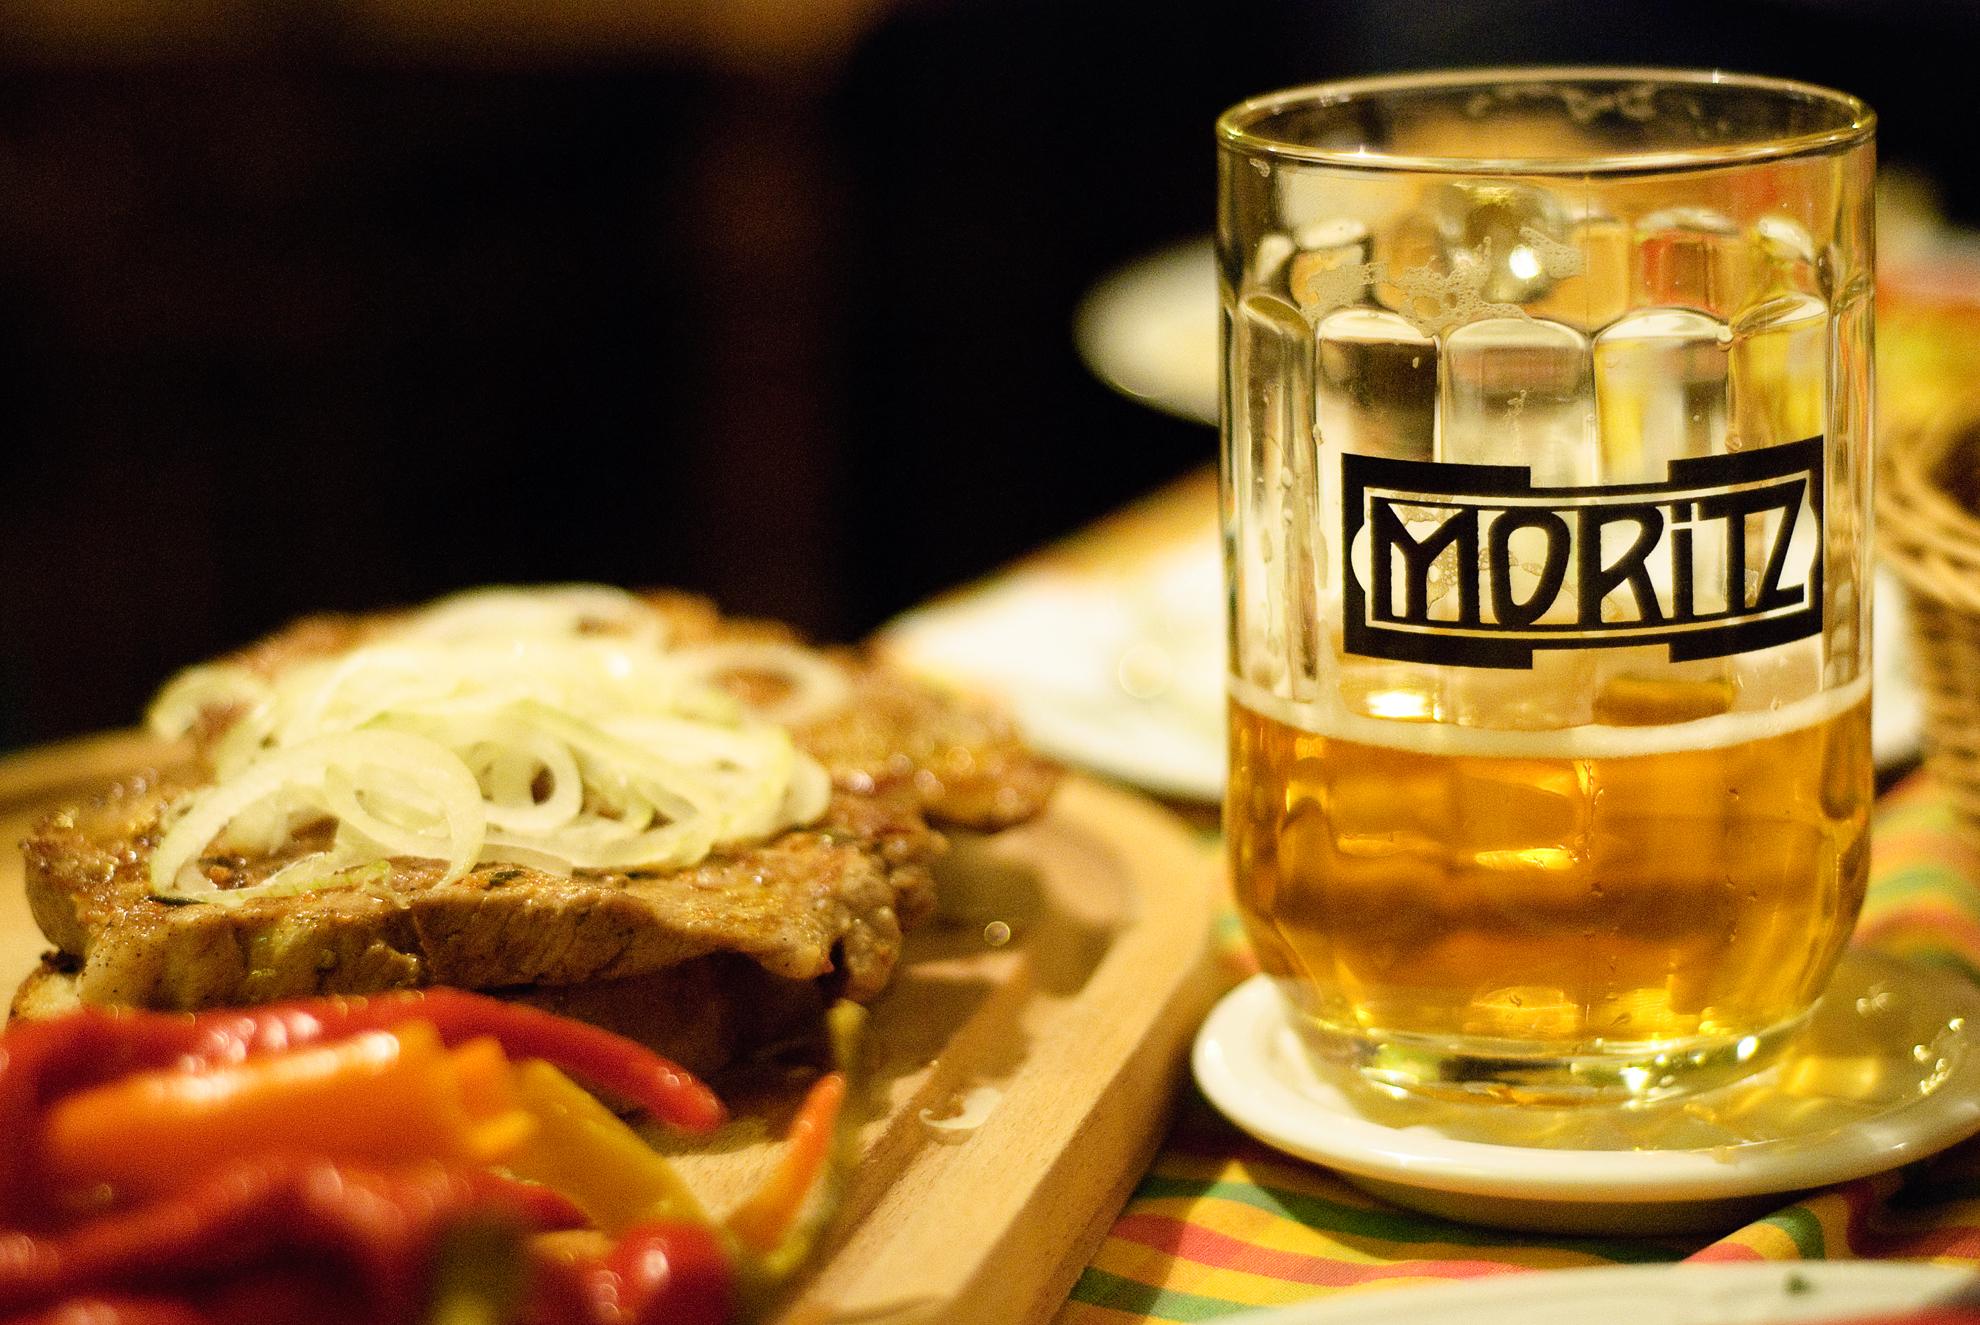 Restauracja i browar Moritz w Ołomuńcu